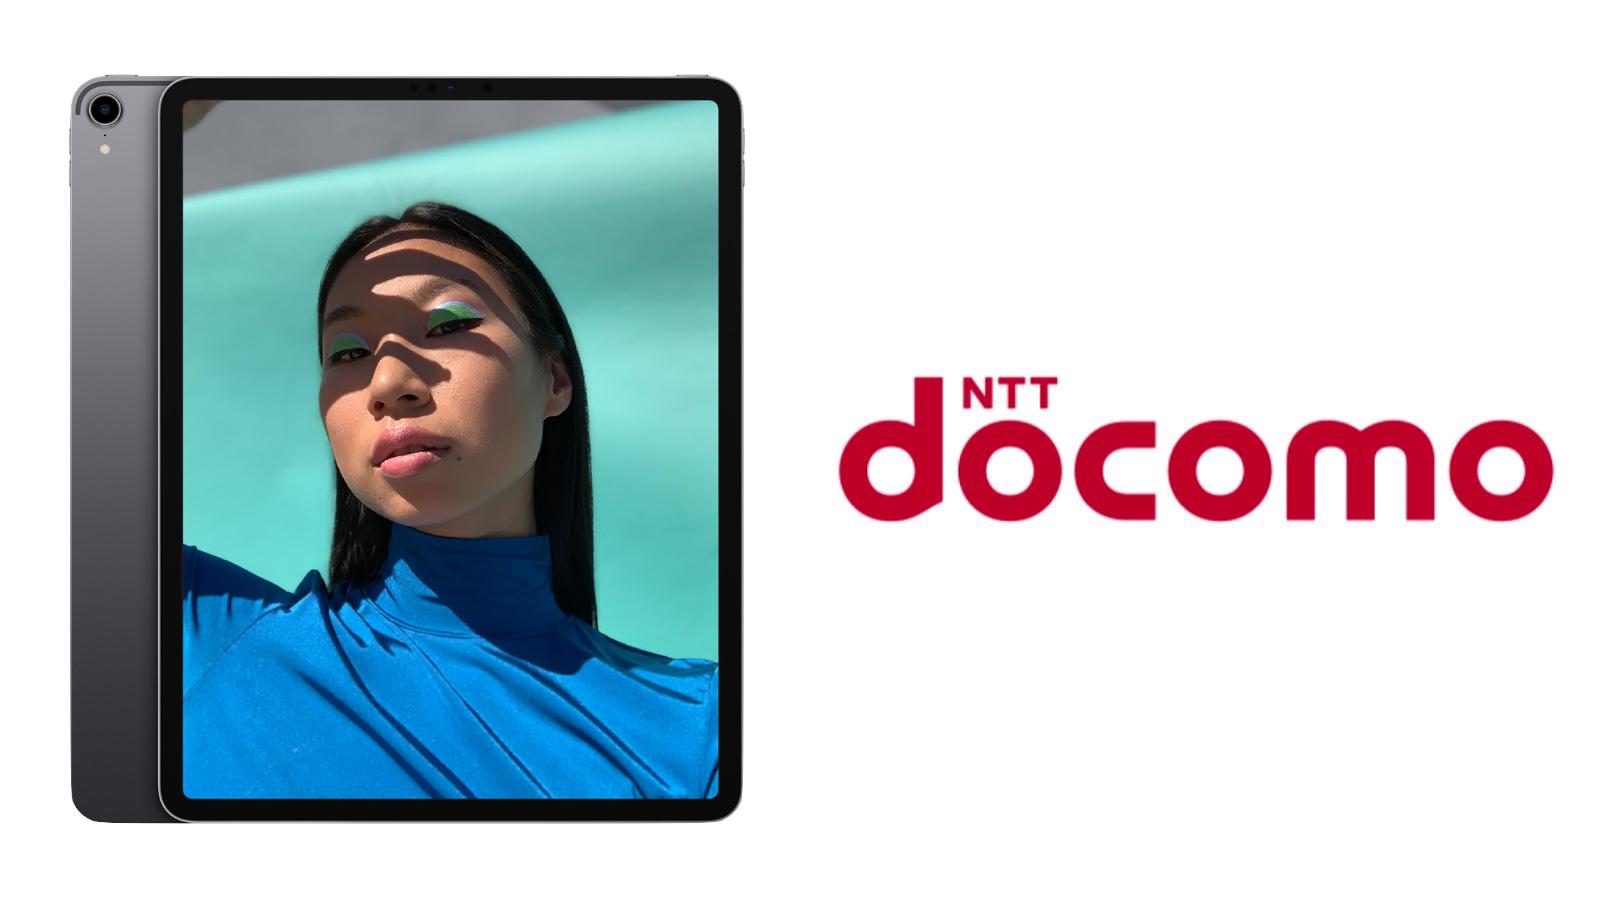 docomo-Pring-for-ipad-pro-2018.jpg